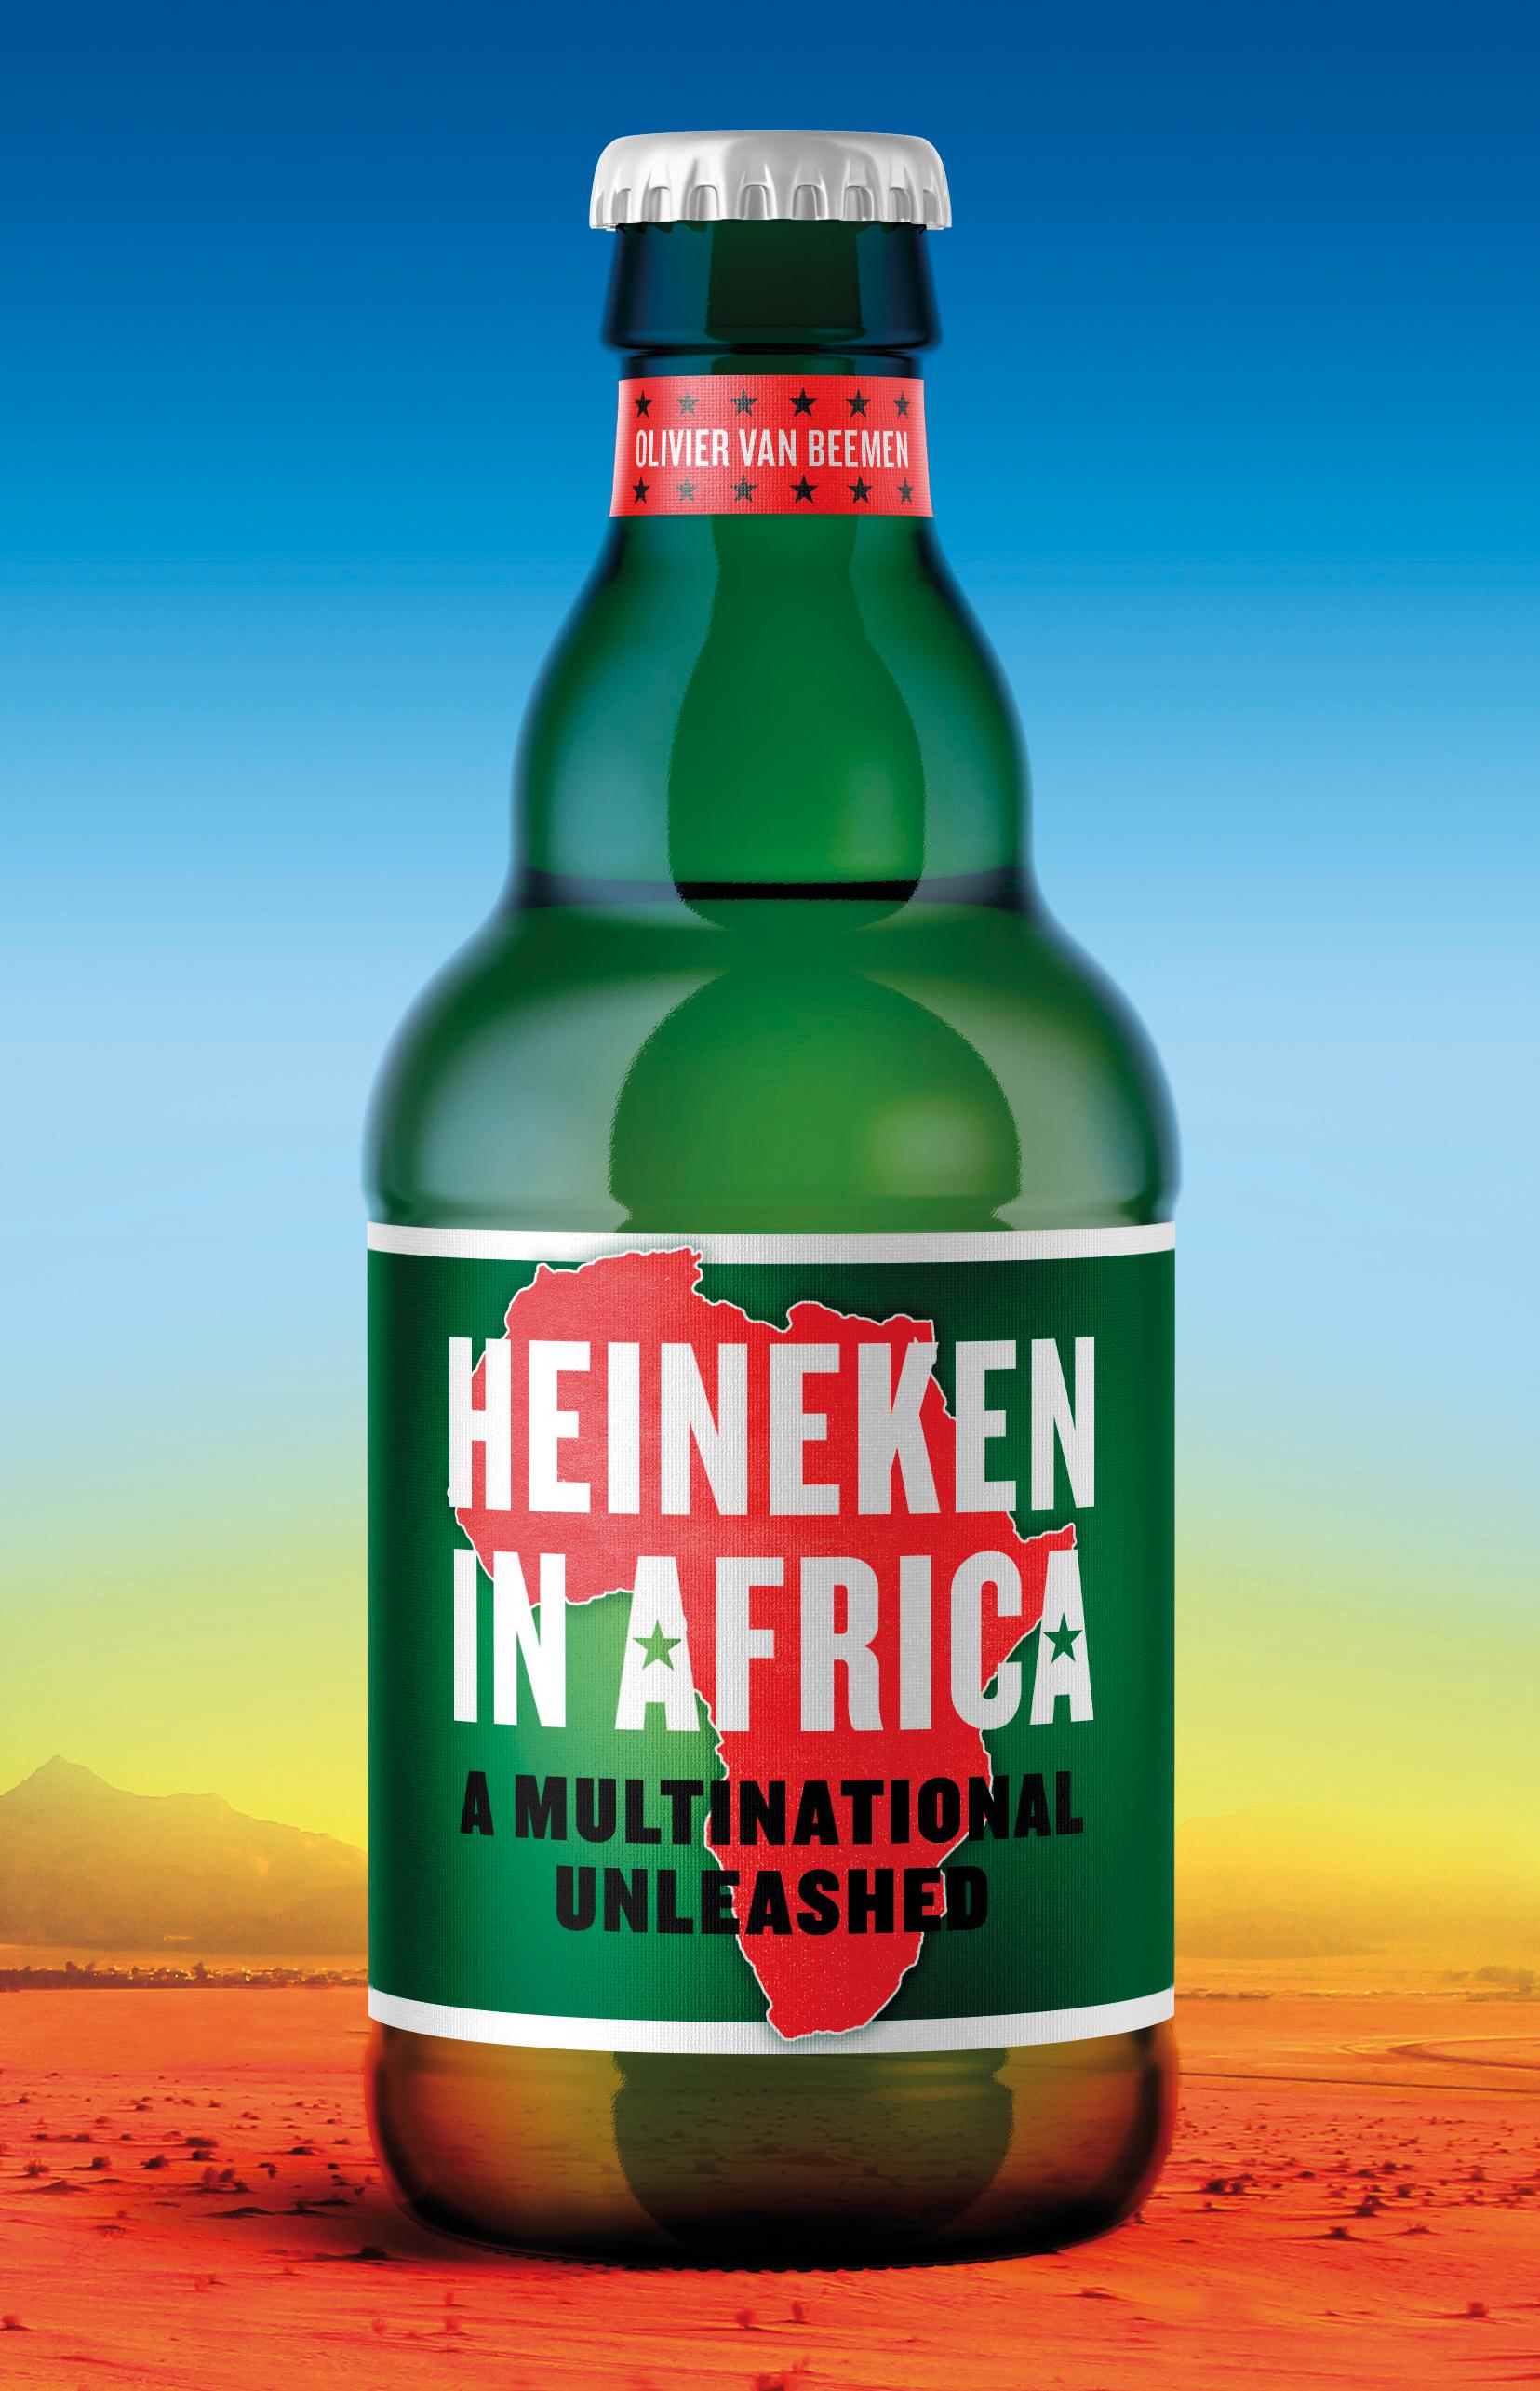 Heineken-in-Africa-Hurst-RBG